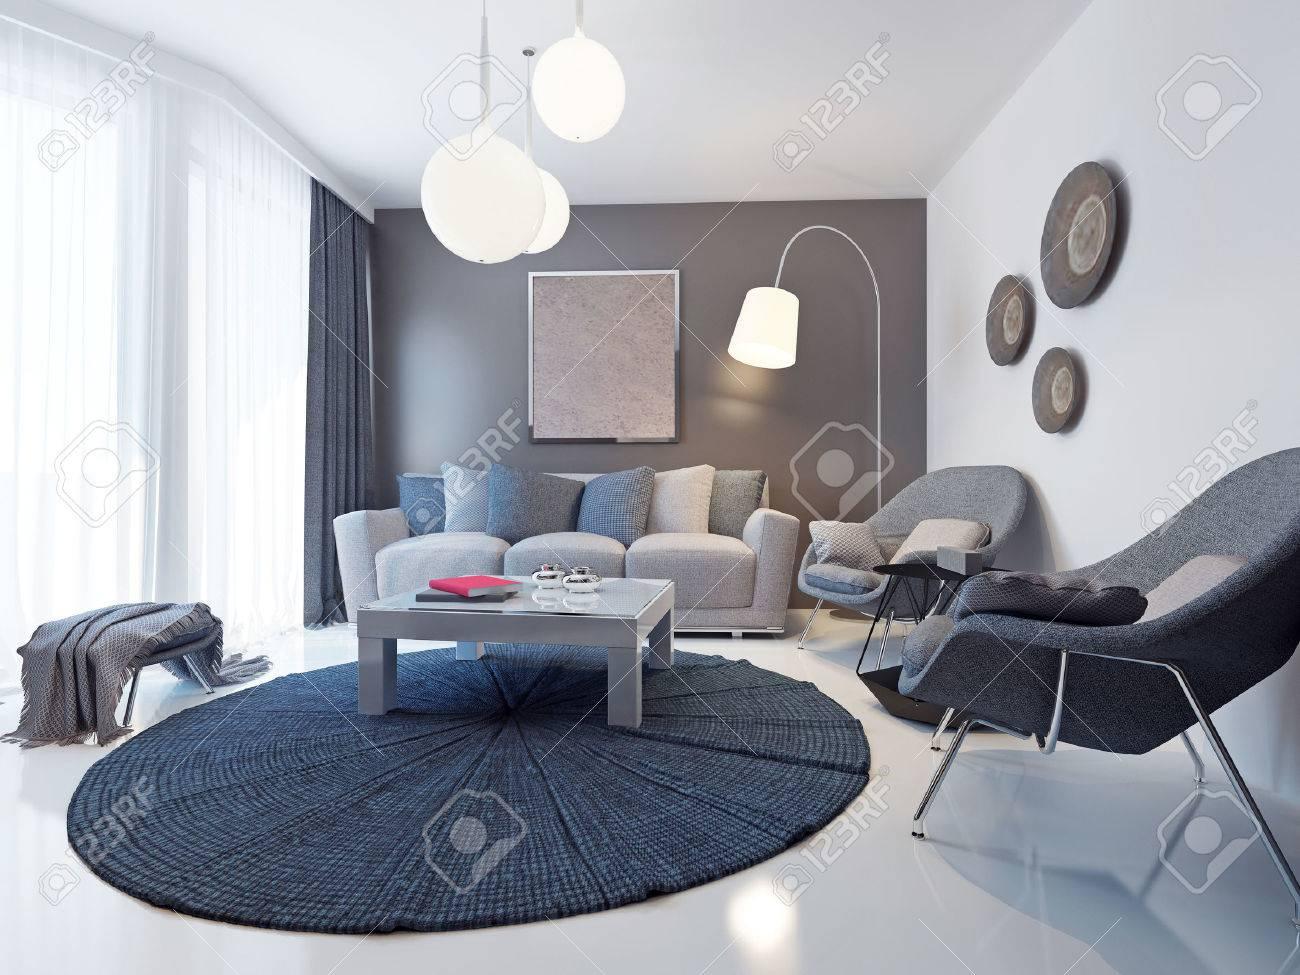 Awesome Progettare Un Soggiorno Contemporary - Idee Arredamento Casa ...